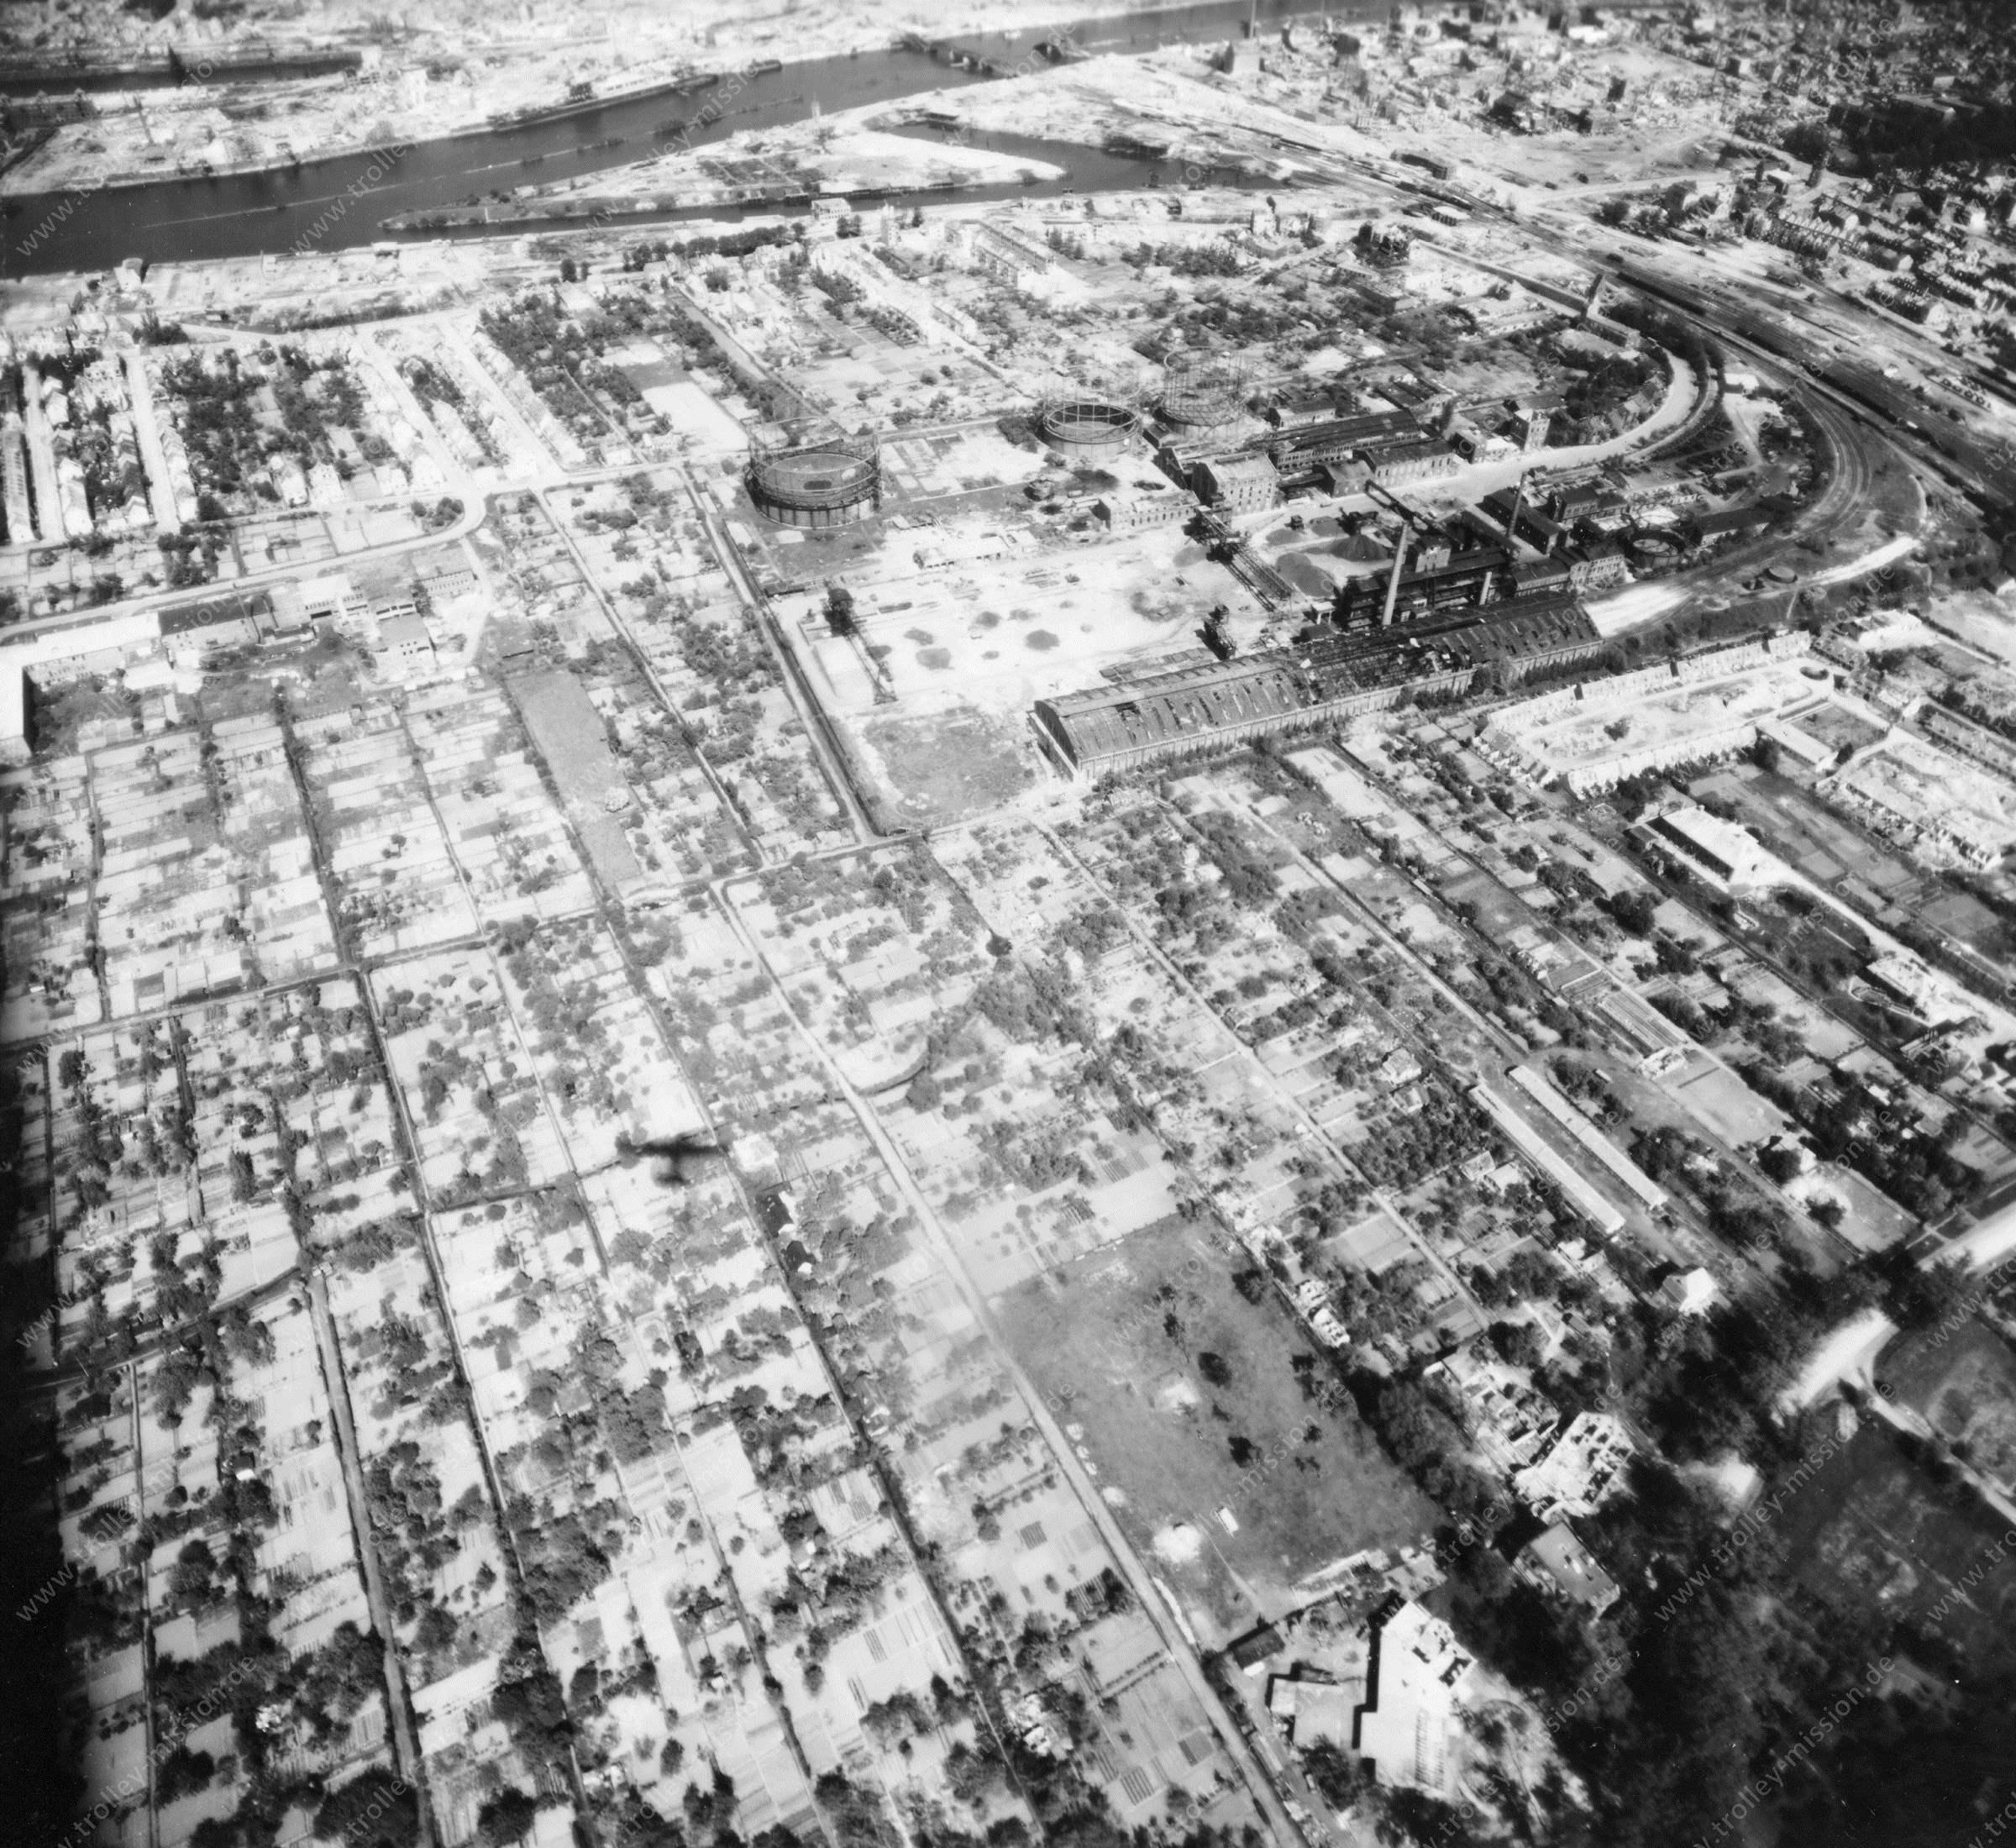 Luftbild von Bremen am 12. Mai 1945 - Luftbildserie 6/12 der US Air Force